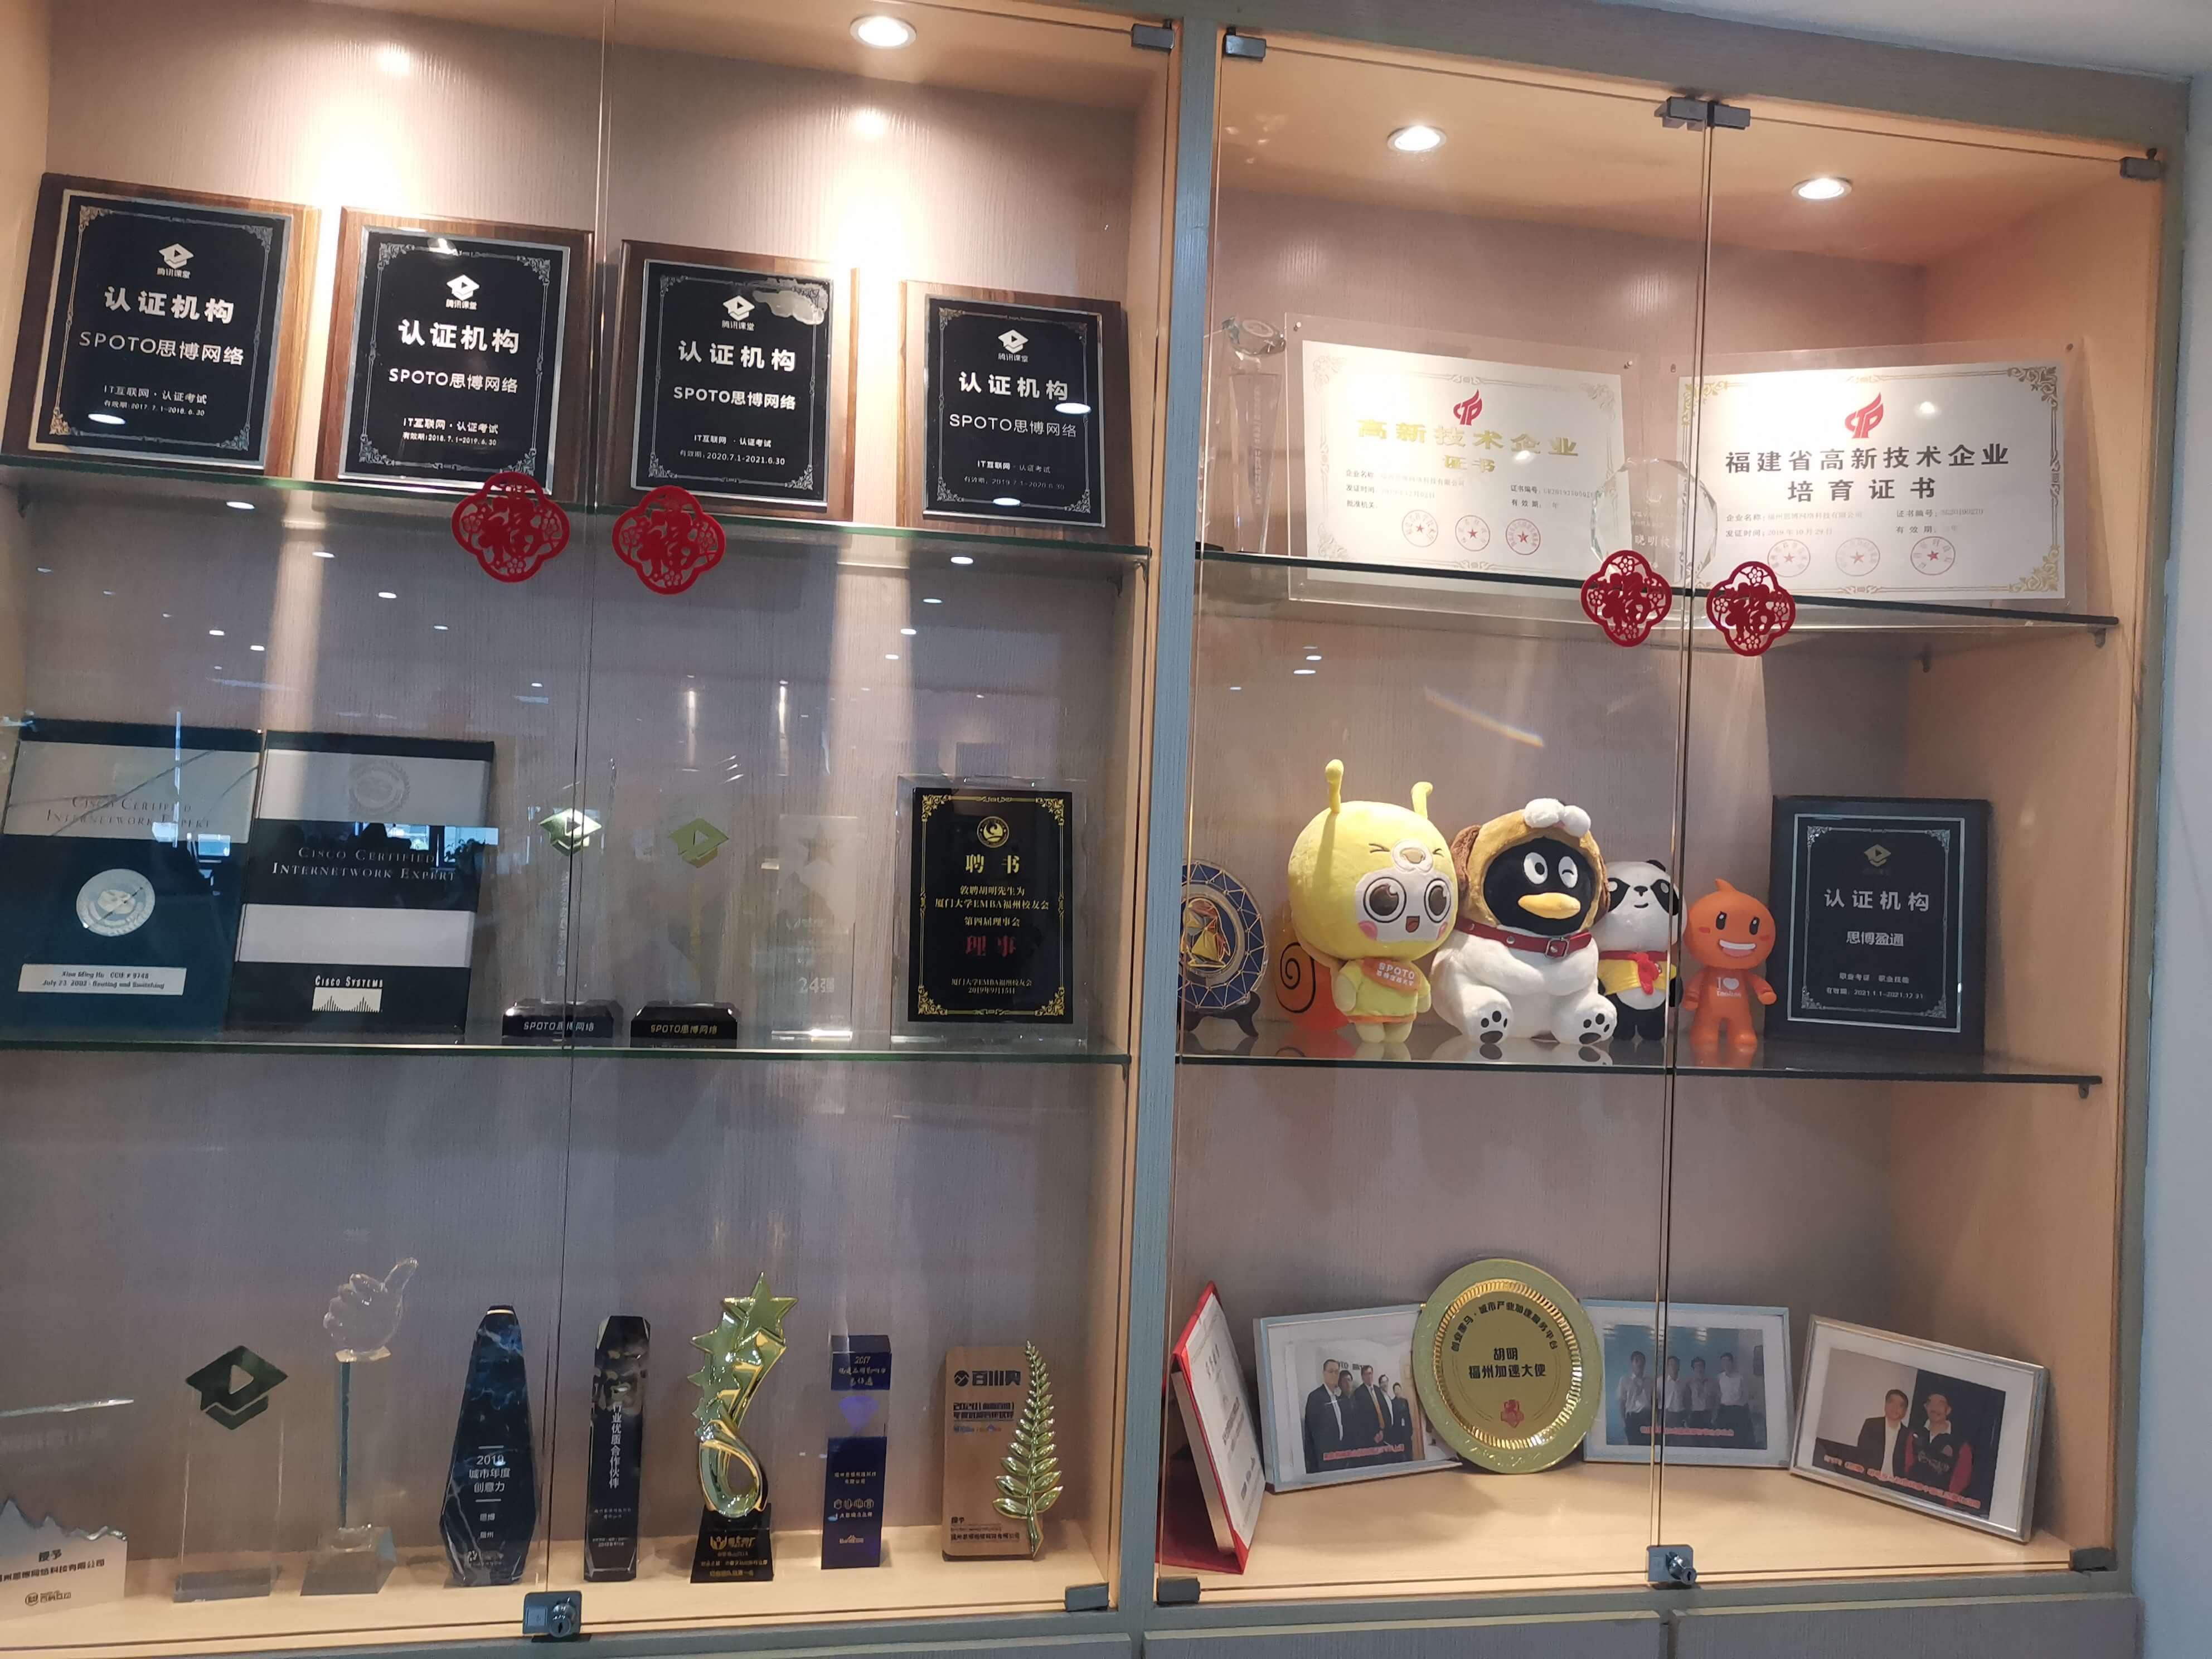 熊猫同学荣誉墙